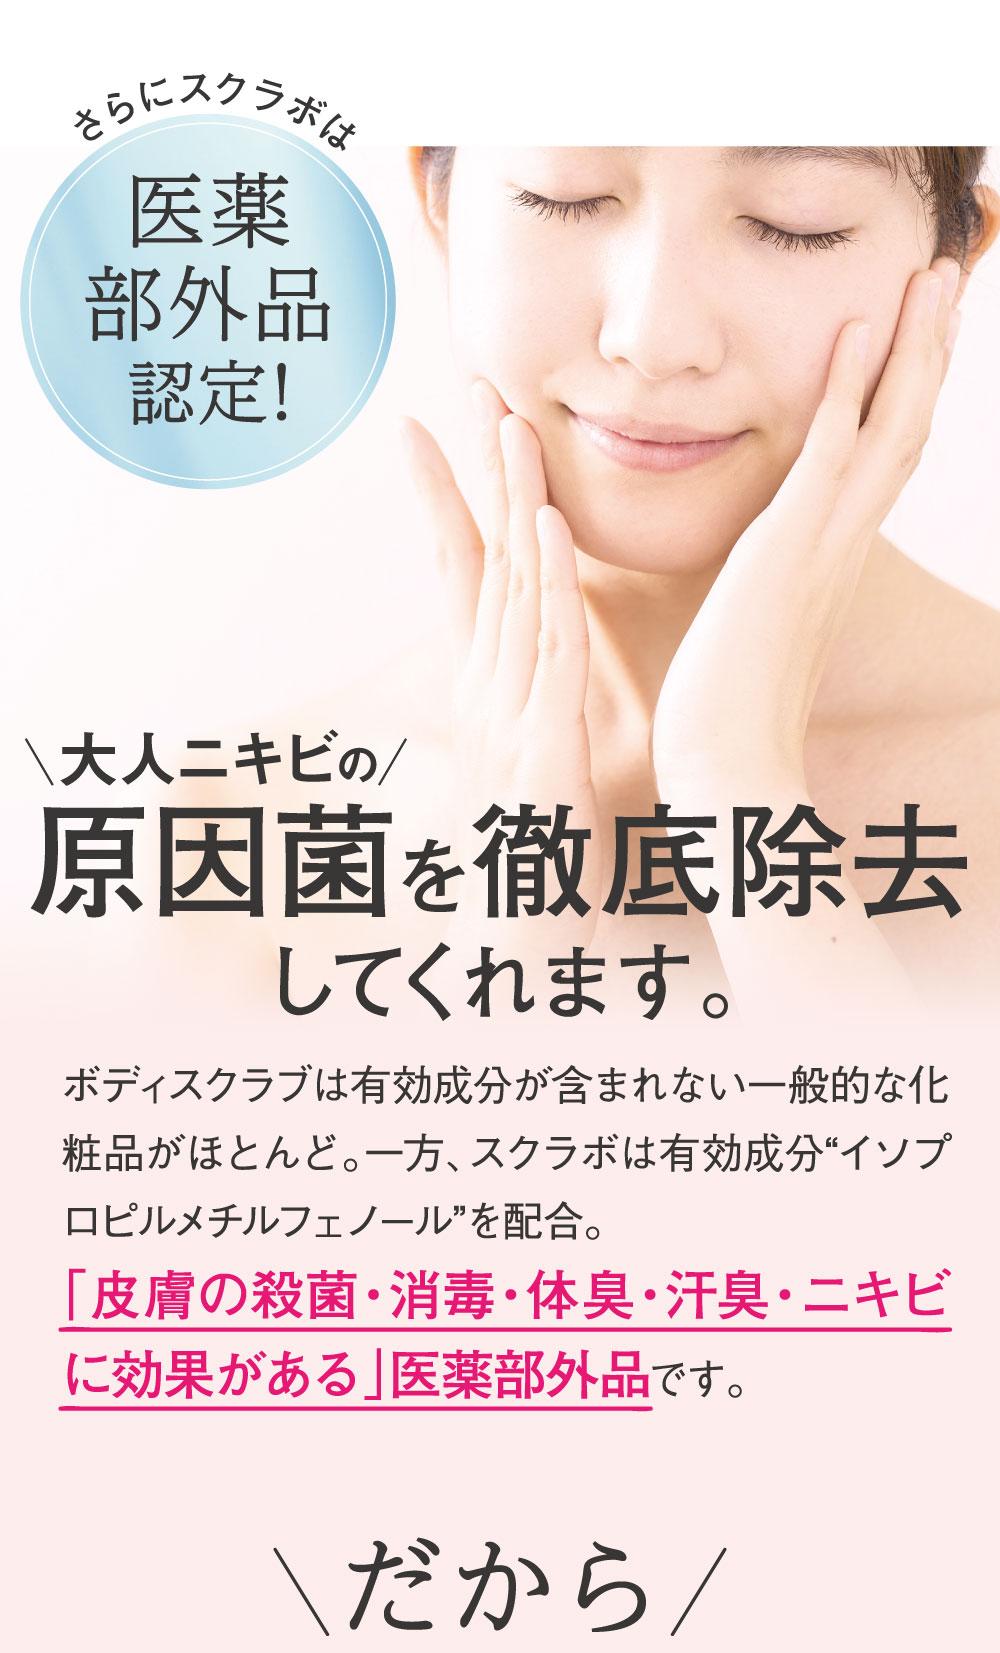 角質除去によりターンオーバーを促進!毛穴に詰まった古い角質や汚れをオフ。